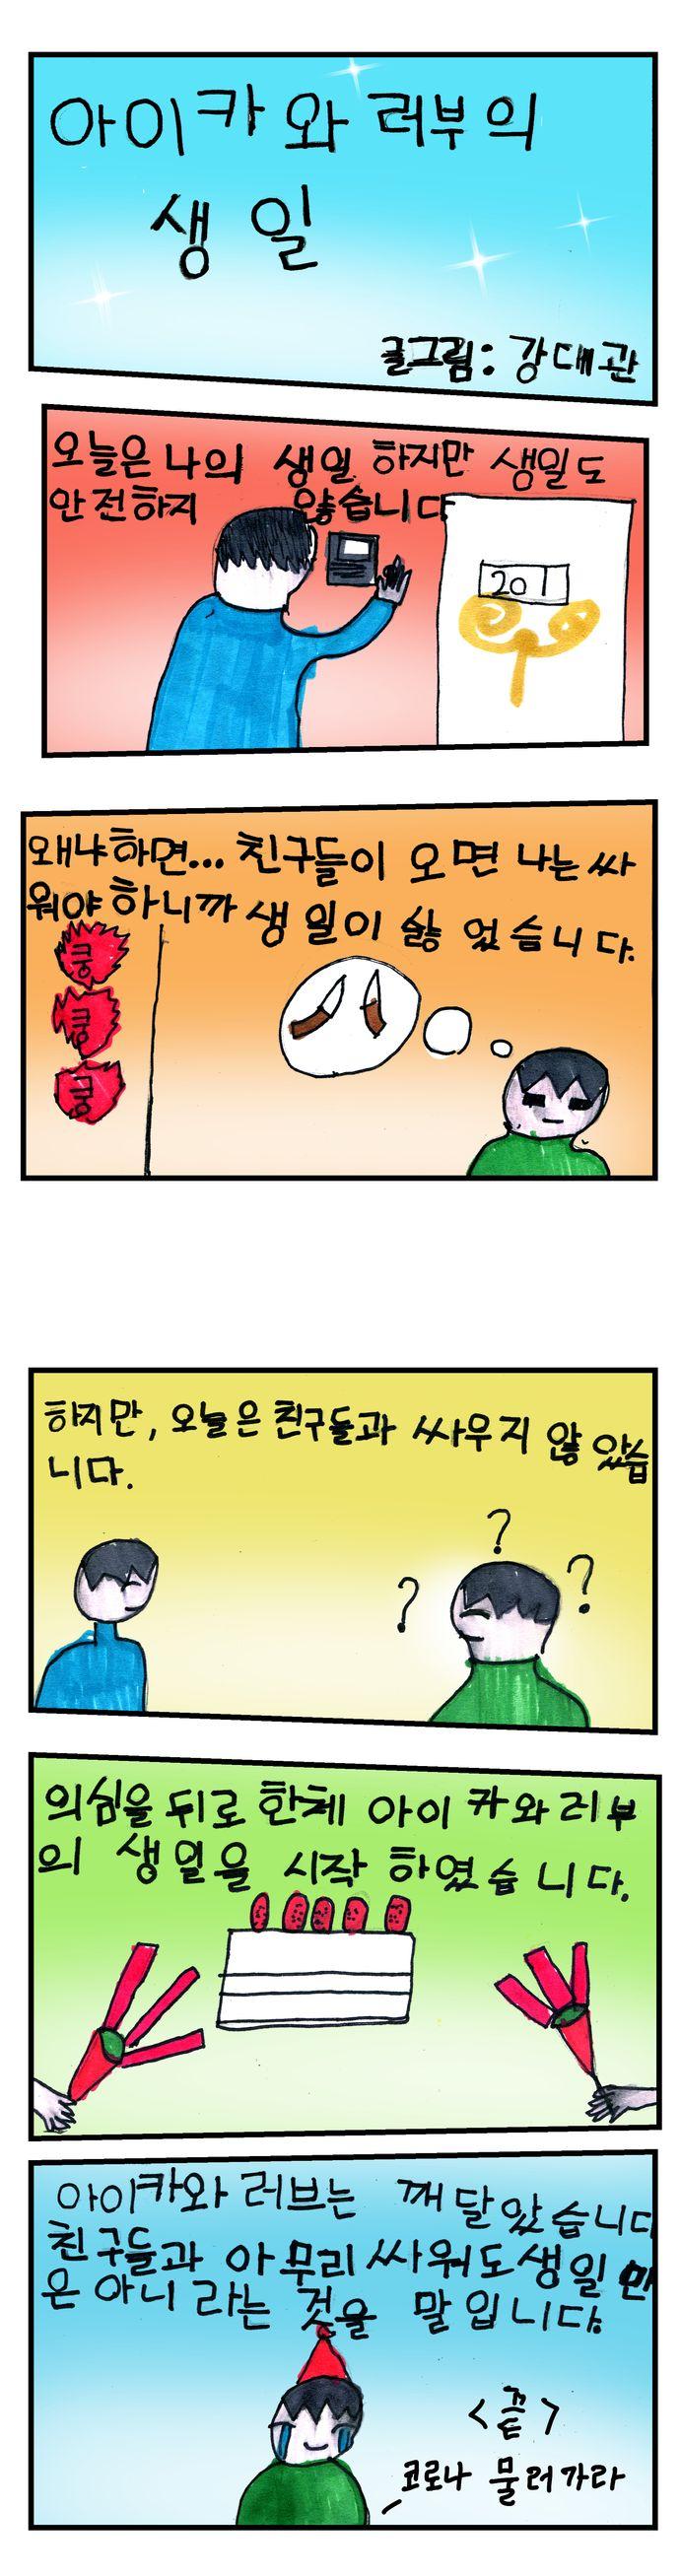 201223_11강대관_01.jpg